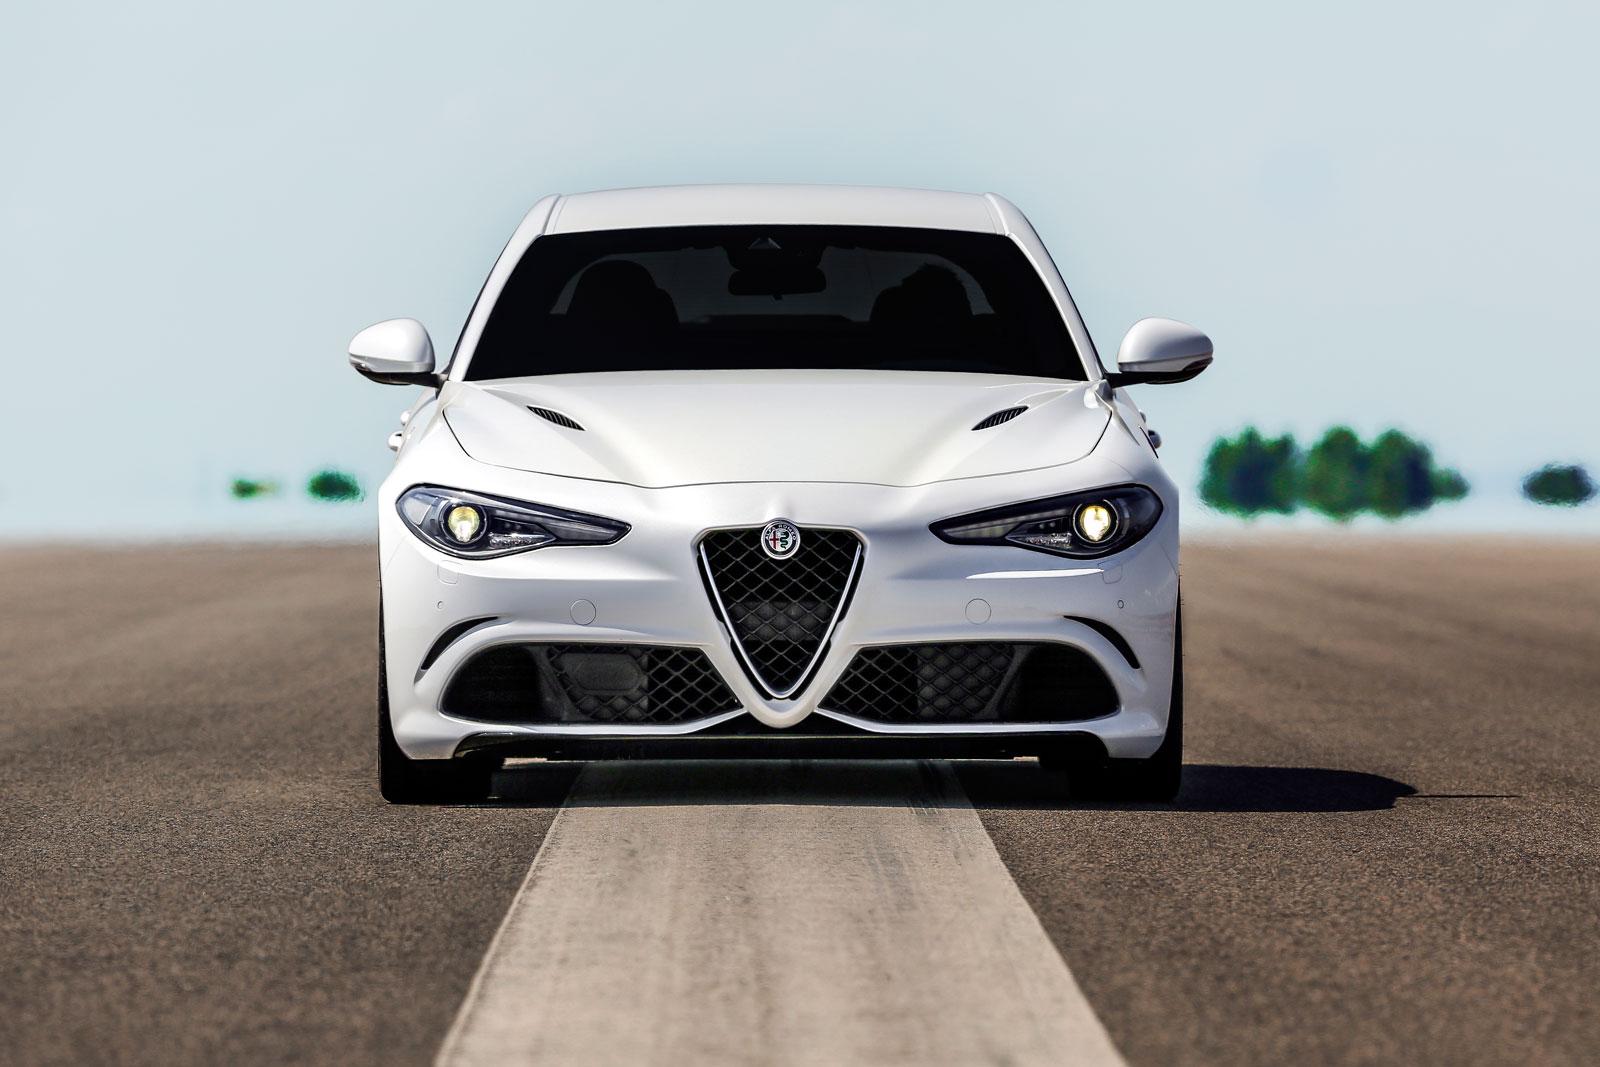 Alfa Romeo Giulia Quadrifoglio Car Body Design